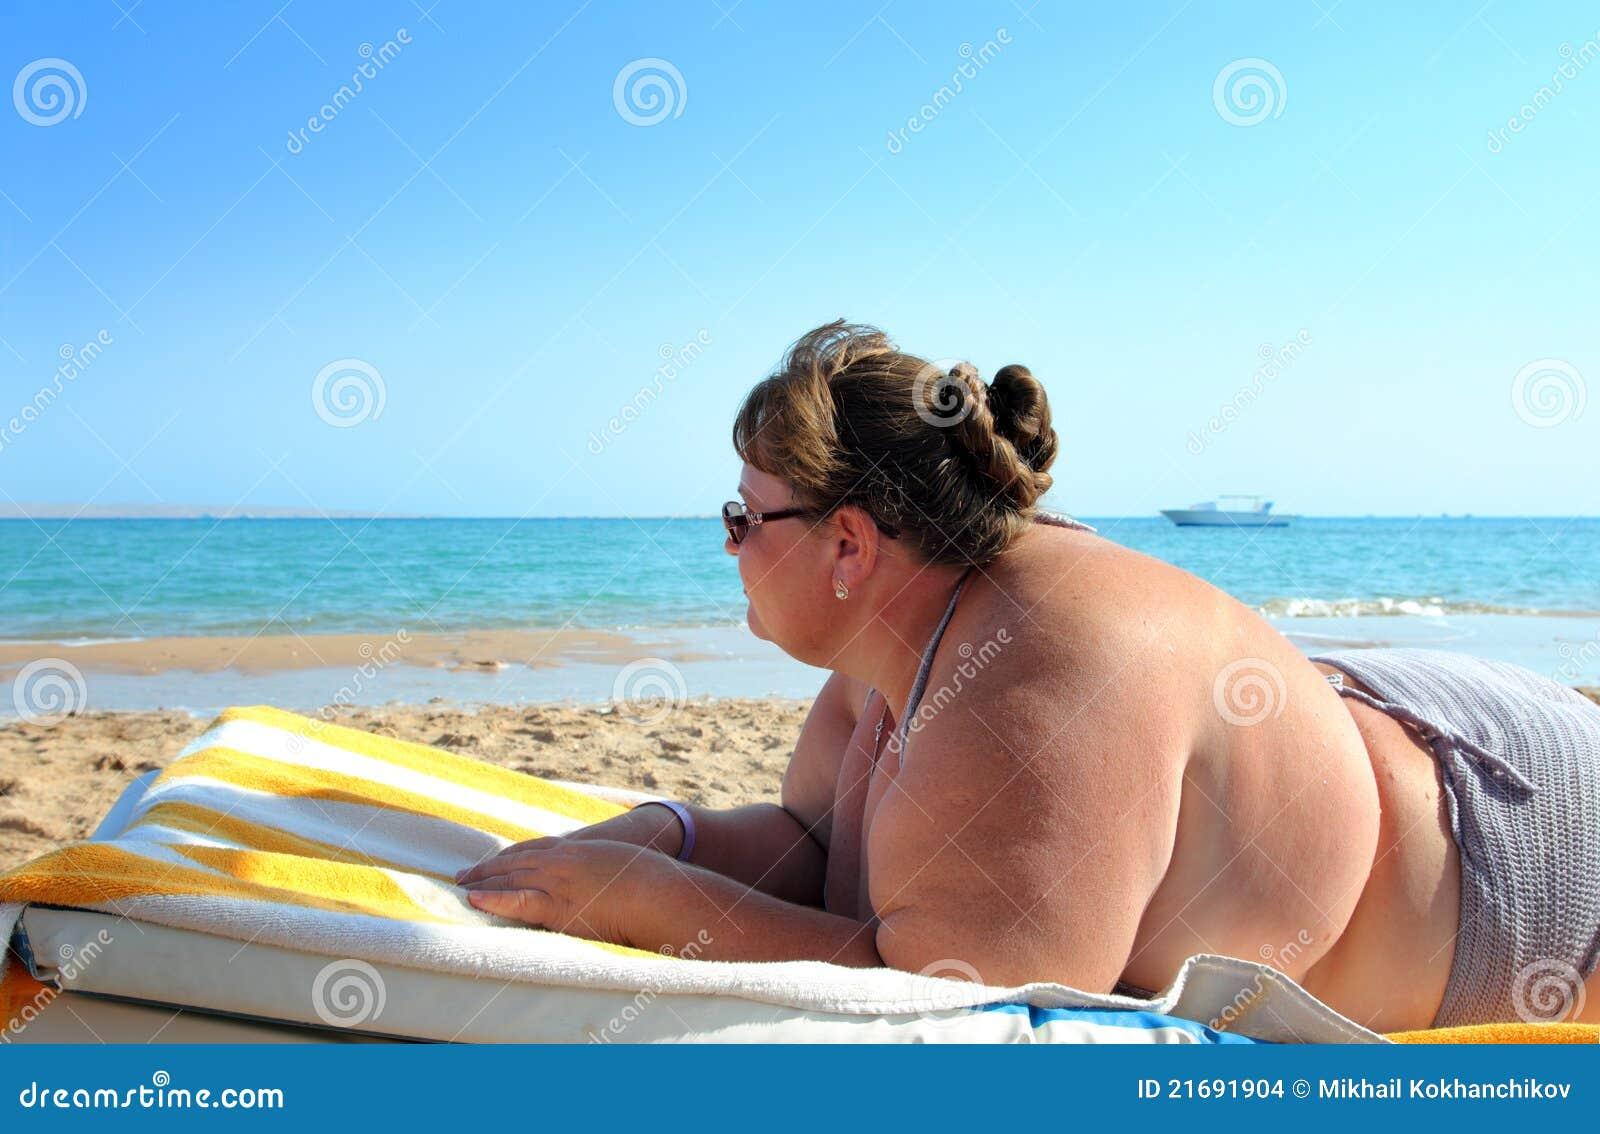 Толстые девушки на пляже 20 фотография